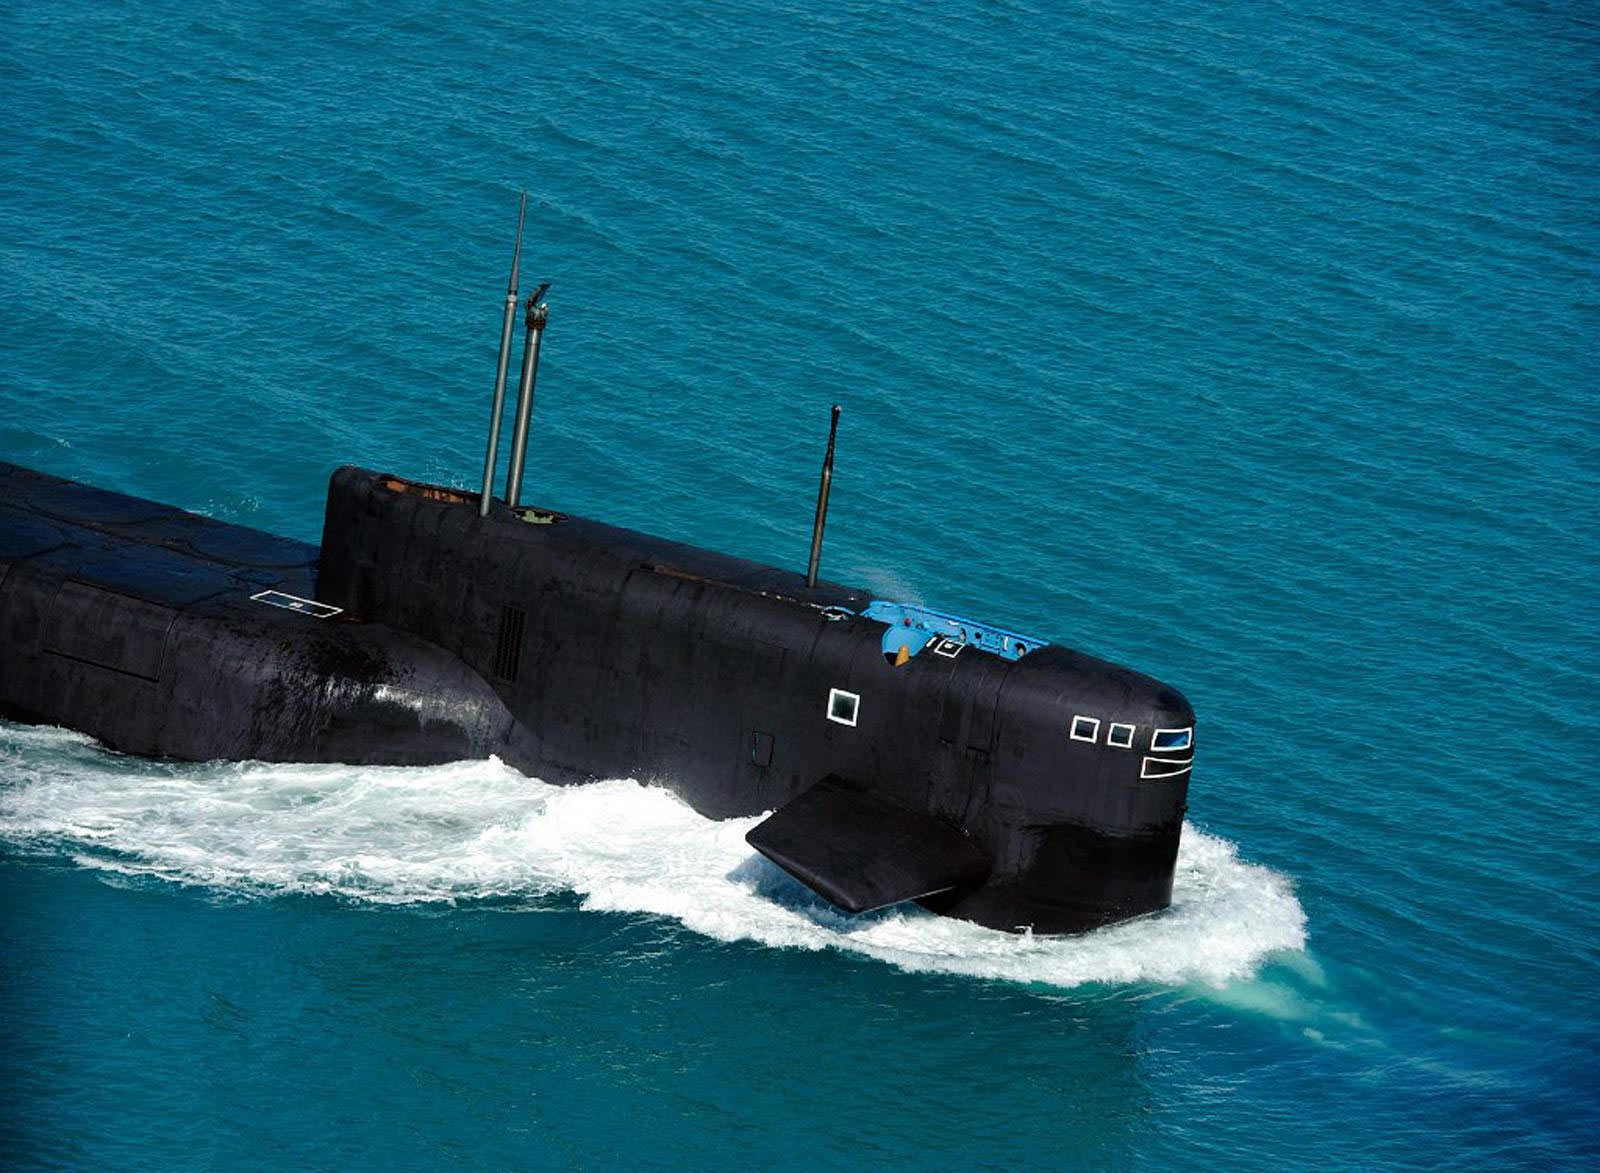 этом сколько длится автономка у подводников Марафон представляют собой